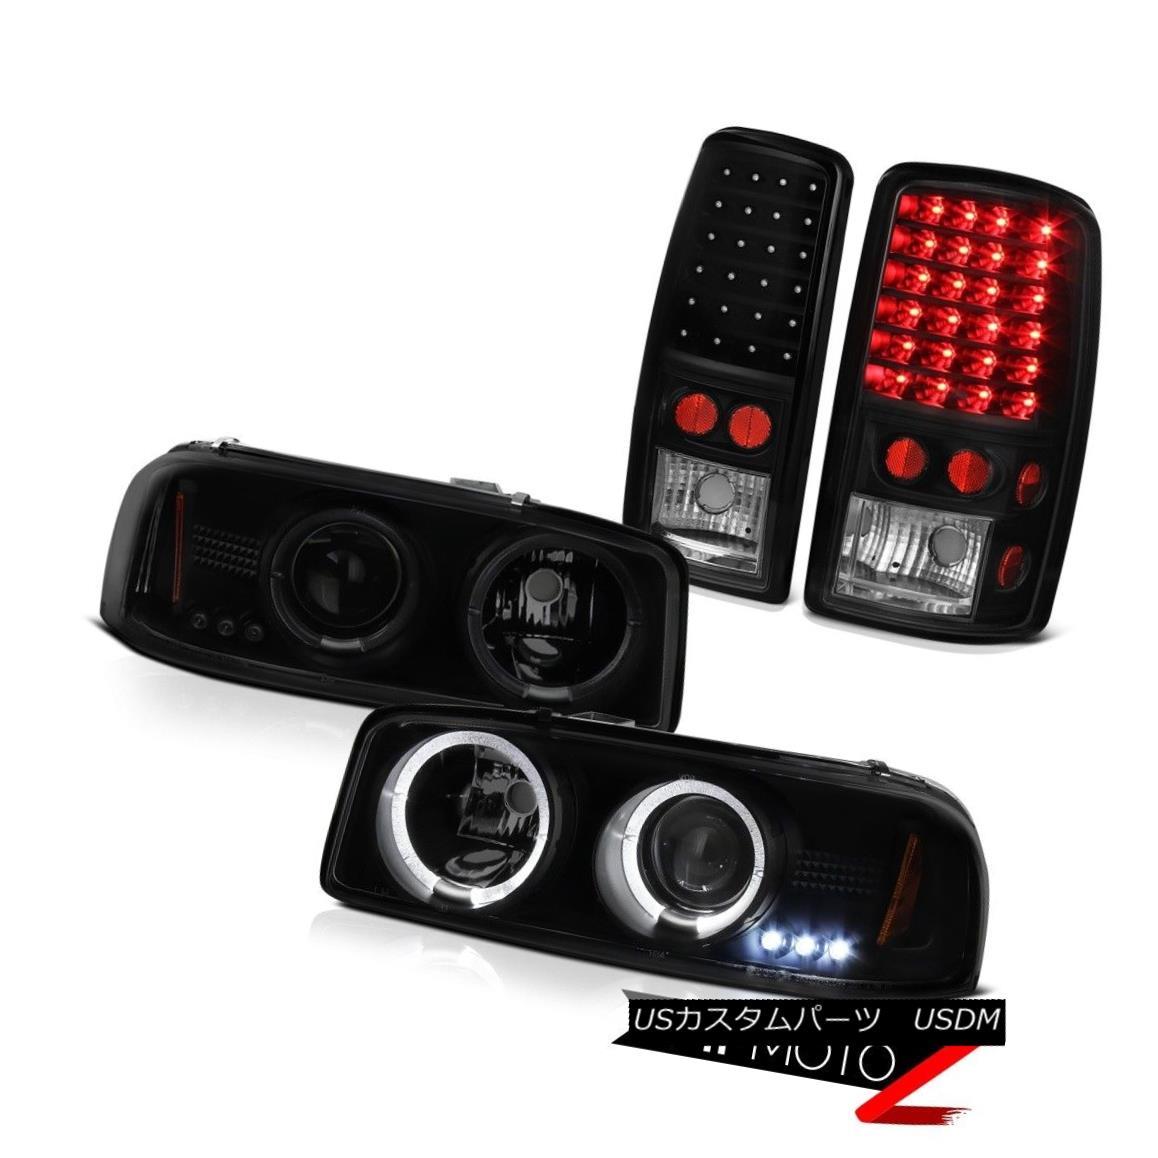 テールライト NEW GMC 00 01 02 03 04 05 06 Yukon XL Denali Dual Halo Headlights LED Tail Light NEW GMC 00 01 02 03 04 05 06ユーコンXLデナリデュアルヘイローヘッドライトLEDテールライト